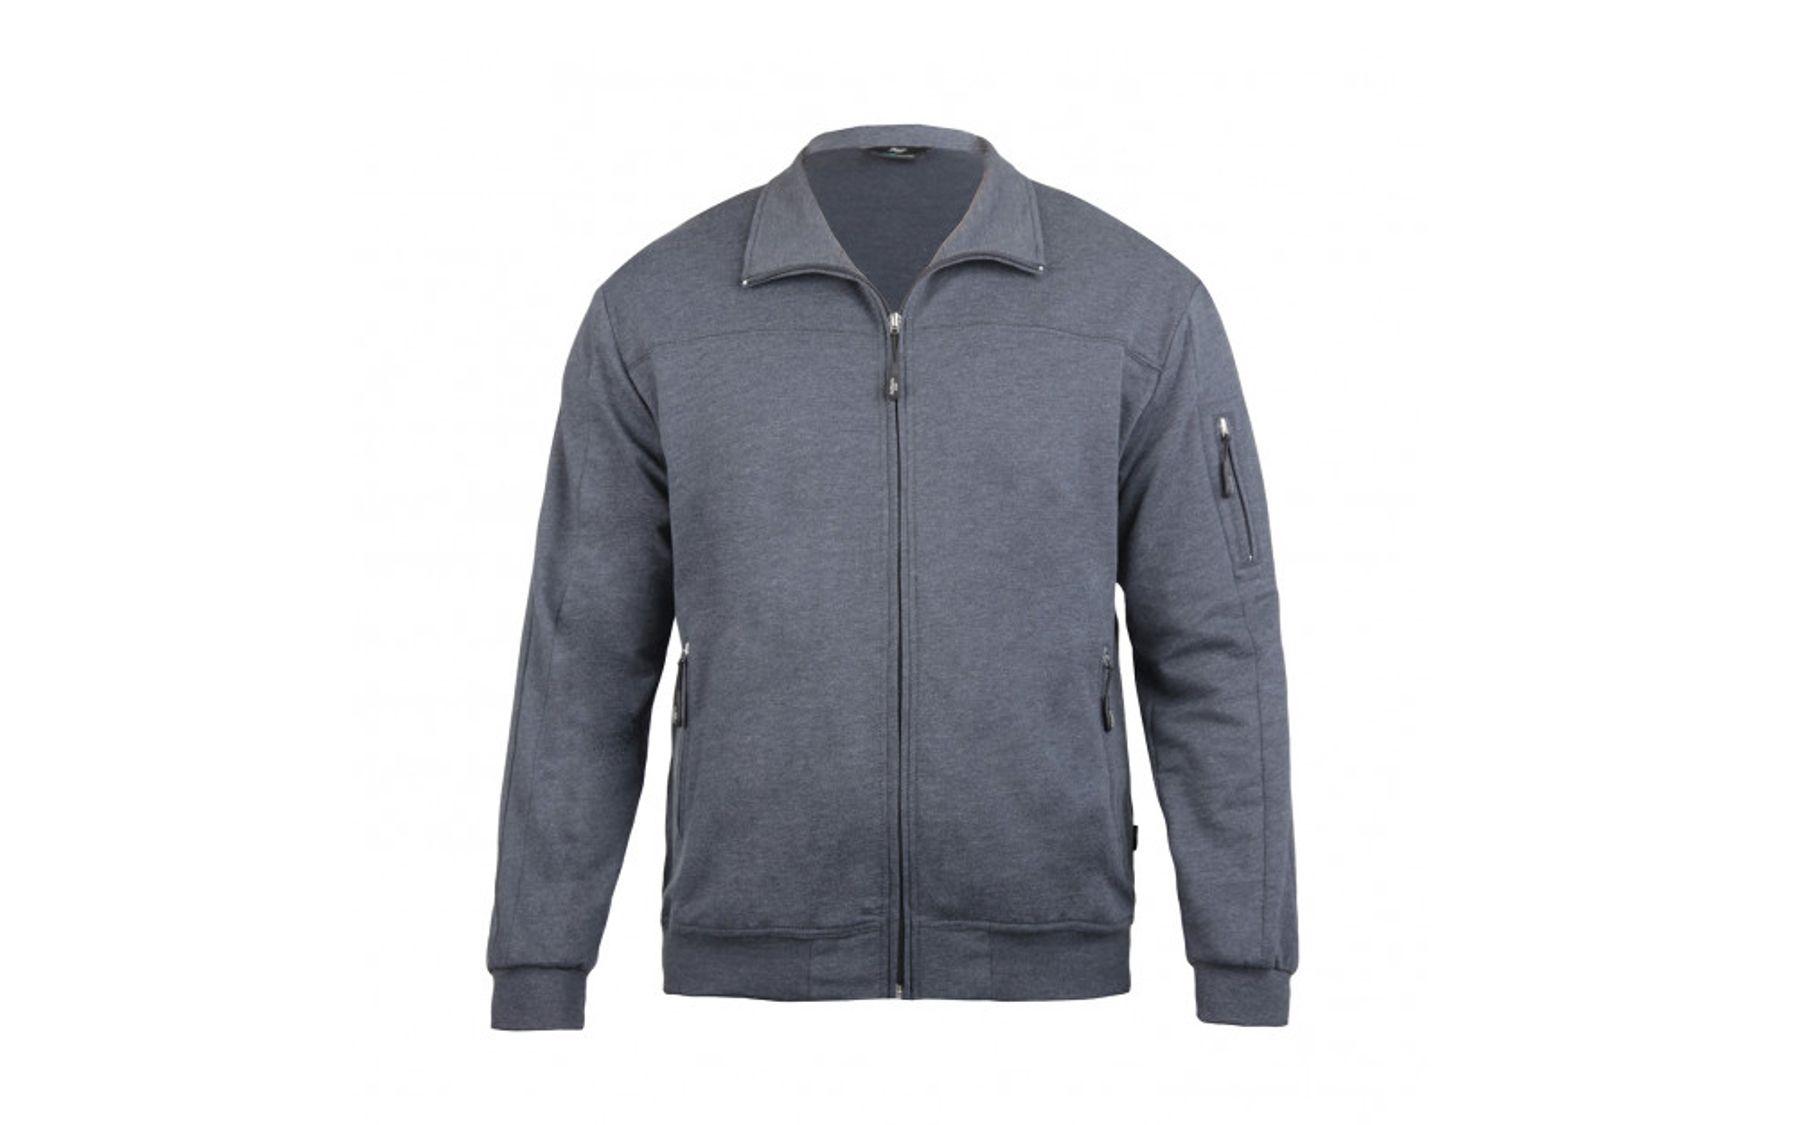 Authentic klein - Herren Sport und Freizeit Jacke aus Baumwolle in verschiedenen Farben (53036) – Bild 8